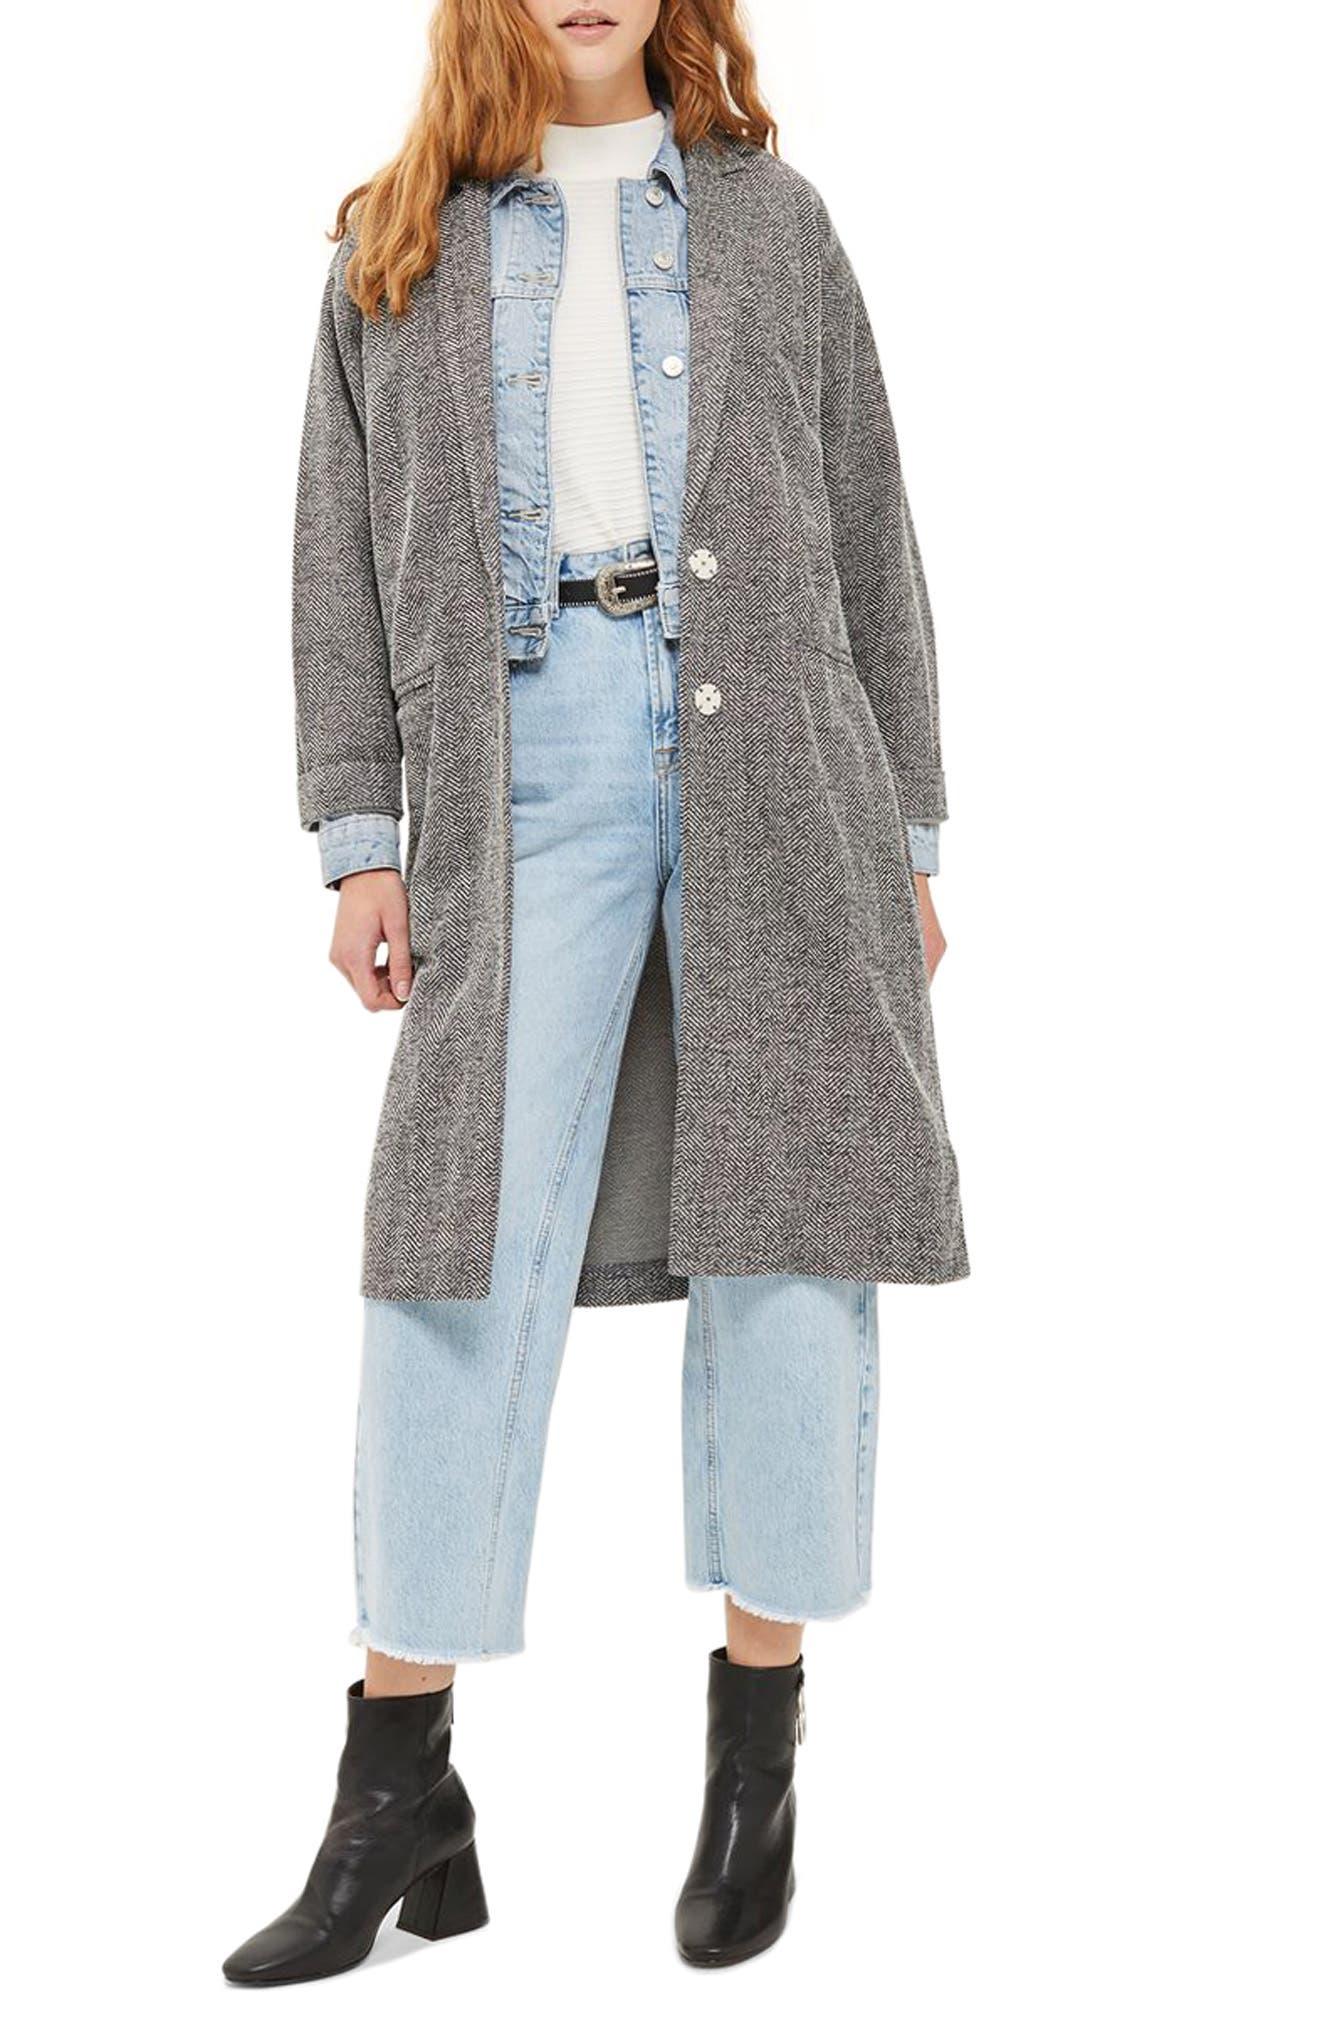 Topshop Herringbone Jersey Coat